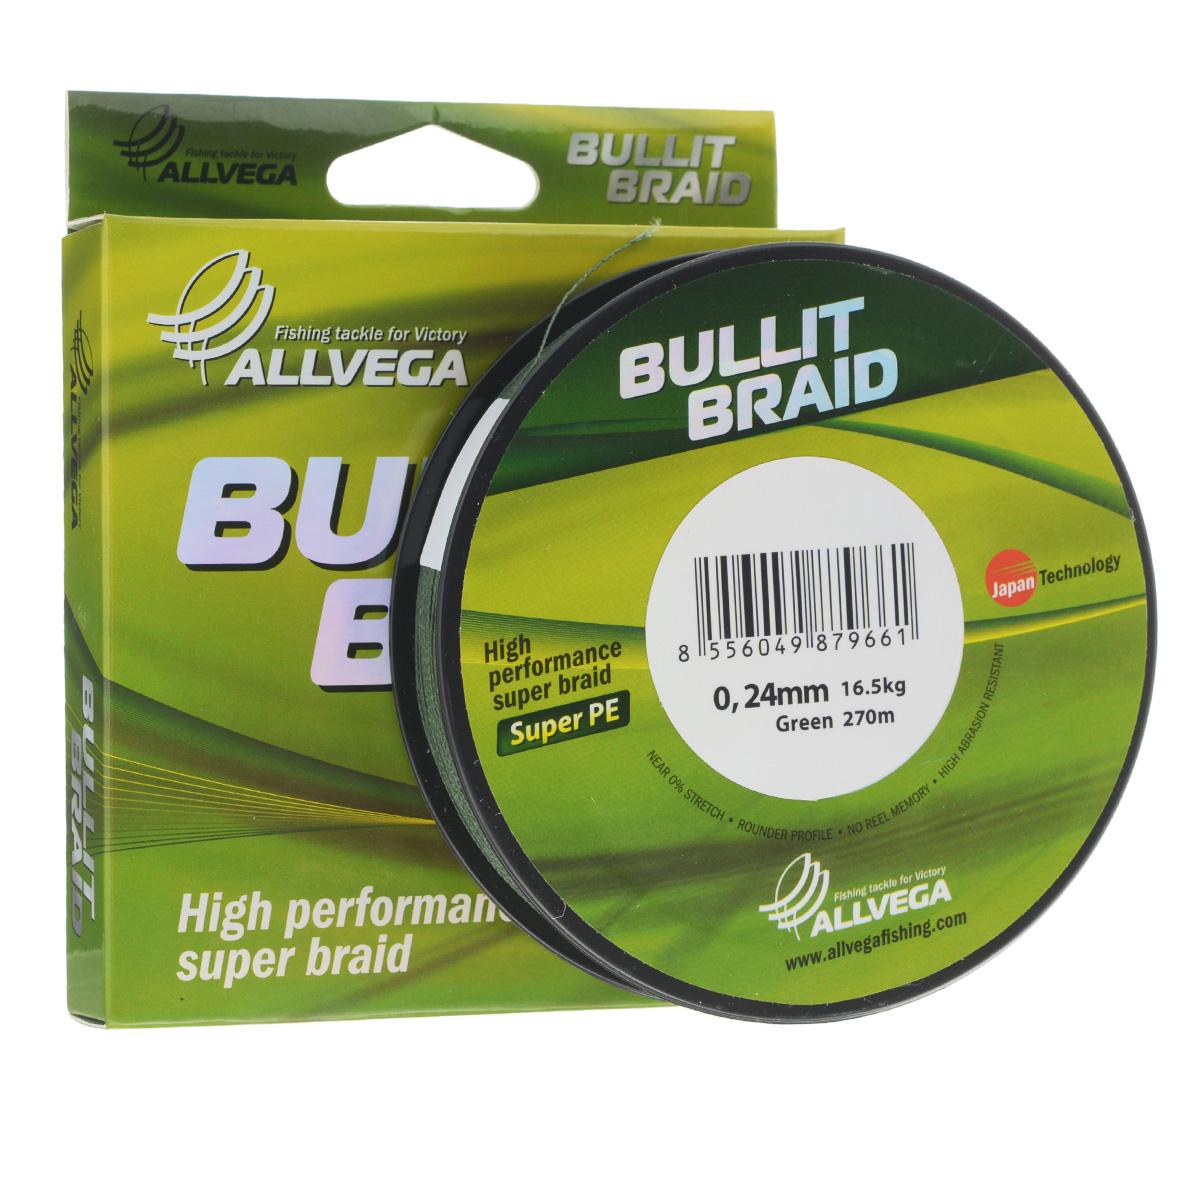 Леска плетеная Allvega Bullit Braid, цвет: темно-зеленый, 270 м, 0,24 мм, 16,5 кг1045925Леска Allvega Bullit Braid с гладкой поверхностью и одинаковым сечением по всей длине обладает высокой износостойкостью. Благодаря микроволокнам полиэтилена (Super PE) леска имеет очень плотное плетение и не впитывает воду. Леску Allvega Bullit Braid можно применять в любых типах водоемов. Особенности:повышенная износостойкость;высокая чувствительность - коэффициент растяжения близок к нулю;отсутствует память; идеально гладкая поверхность позволяет увеличить дальность забросов; высокая прочность шнура на узлах.